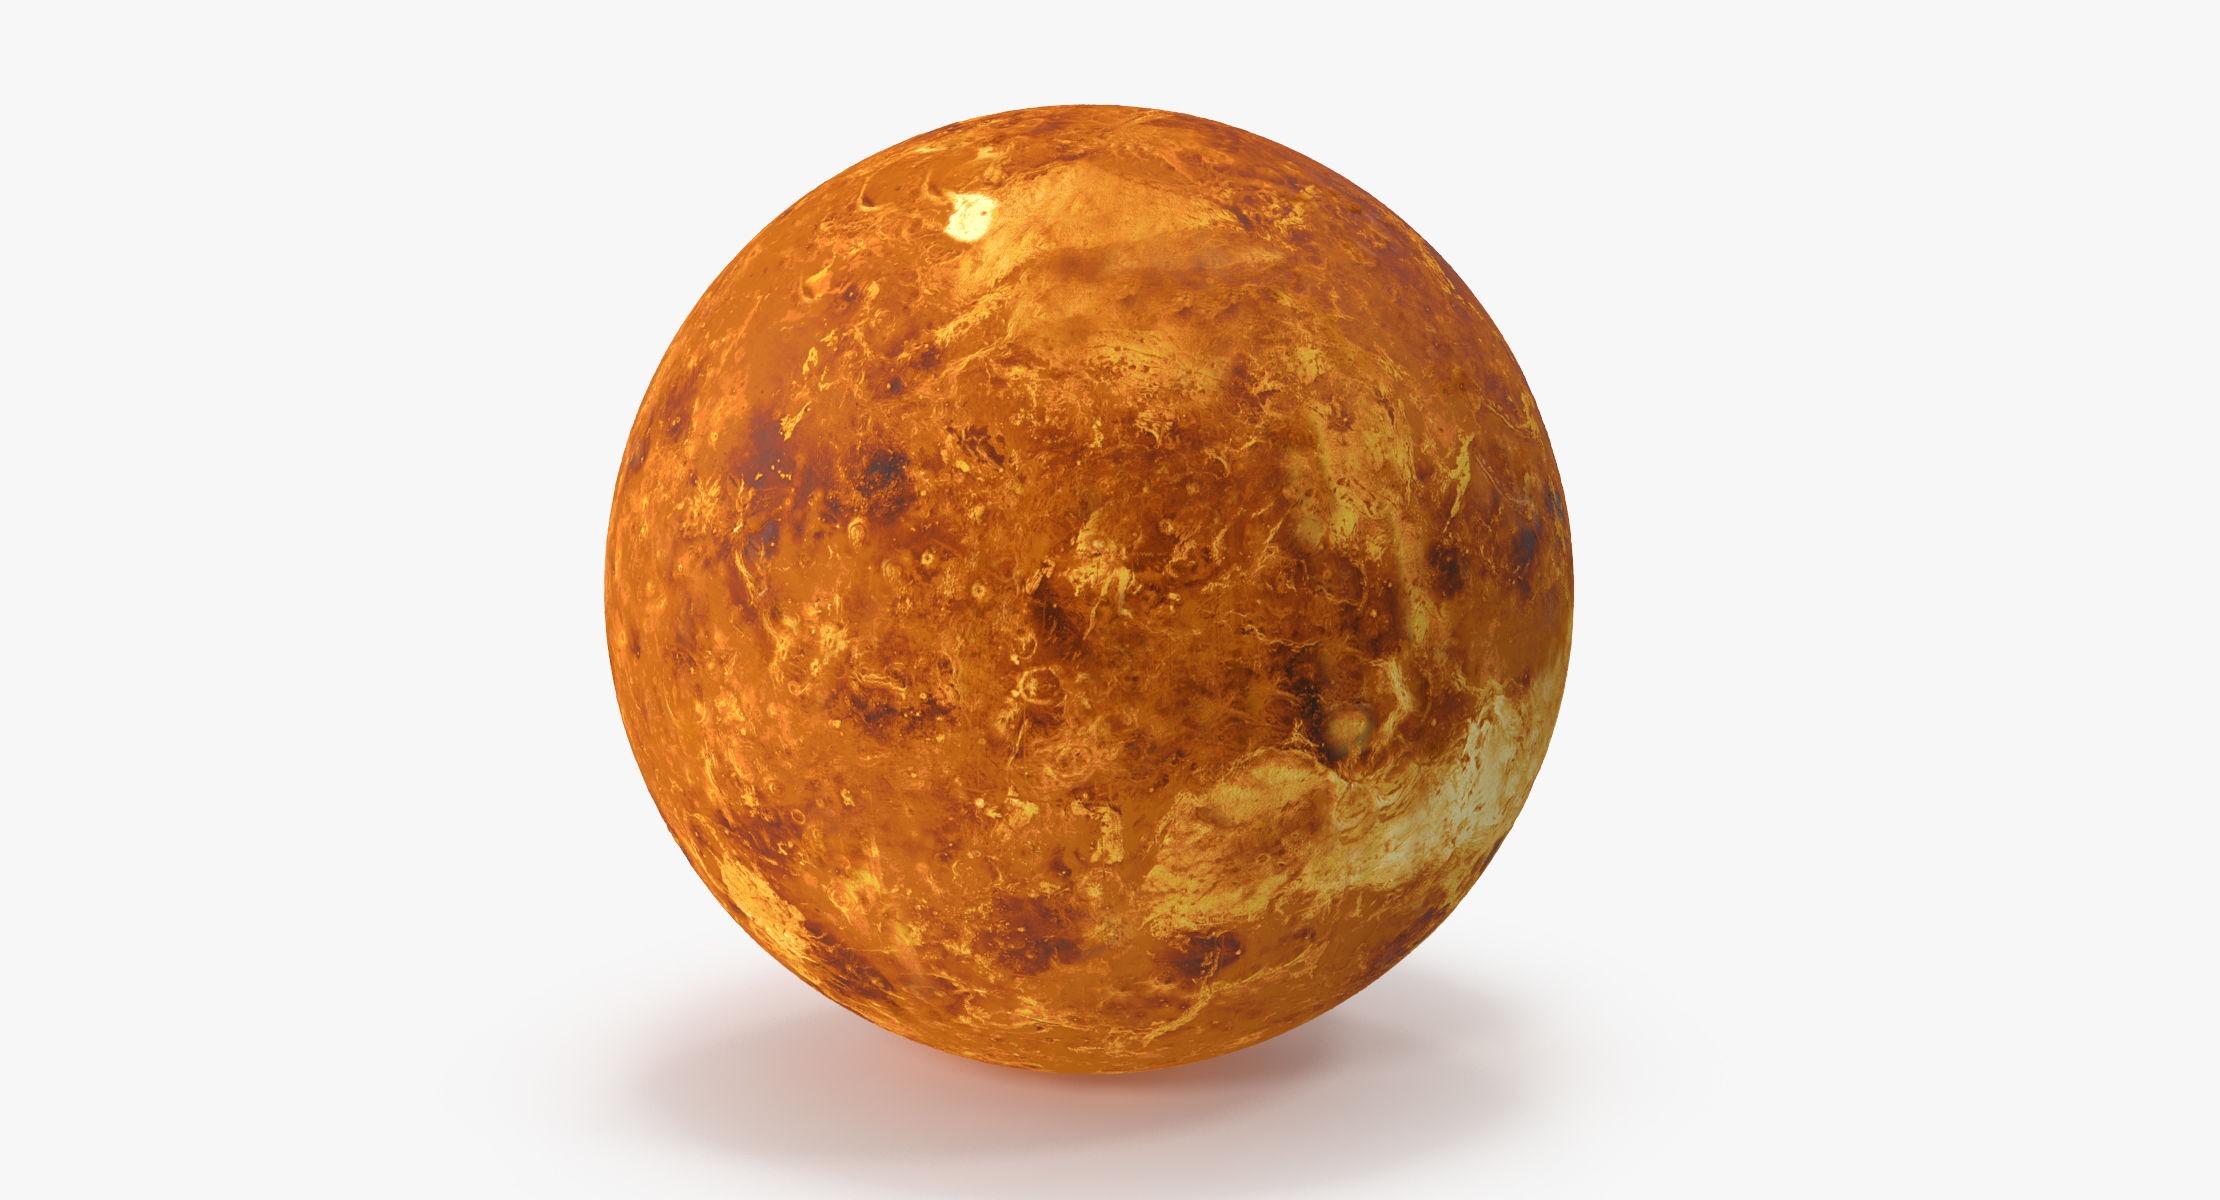 venus planet images - HD1480×800